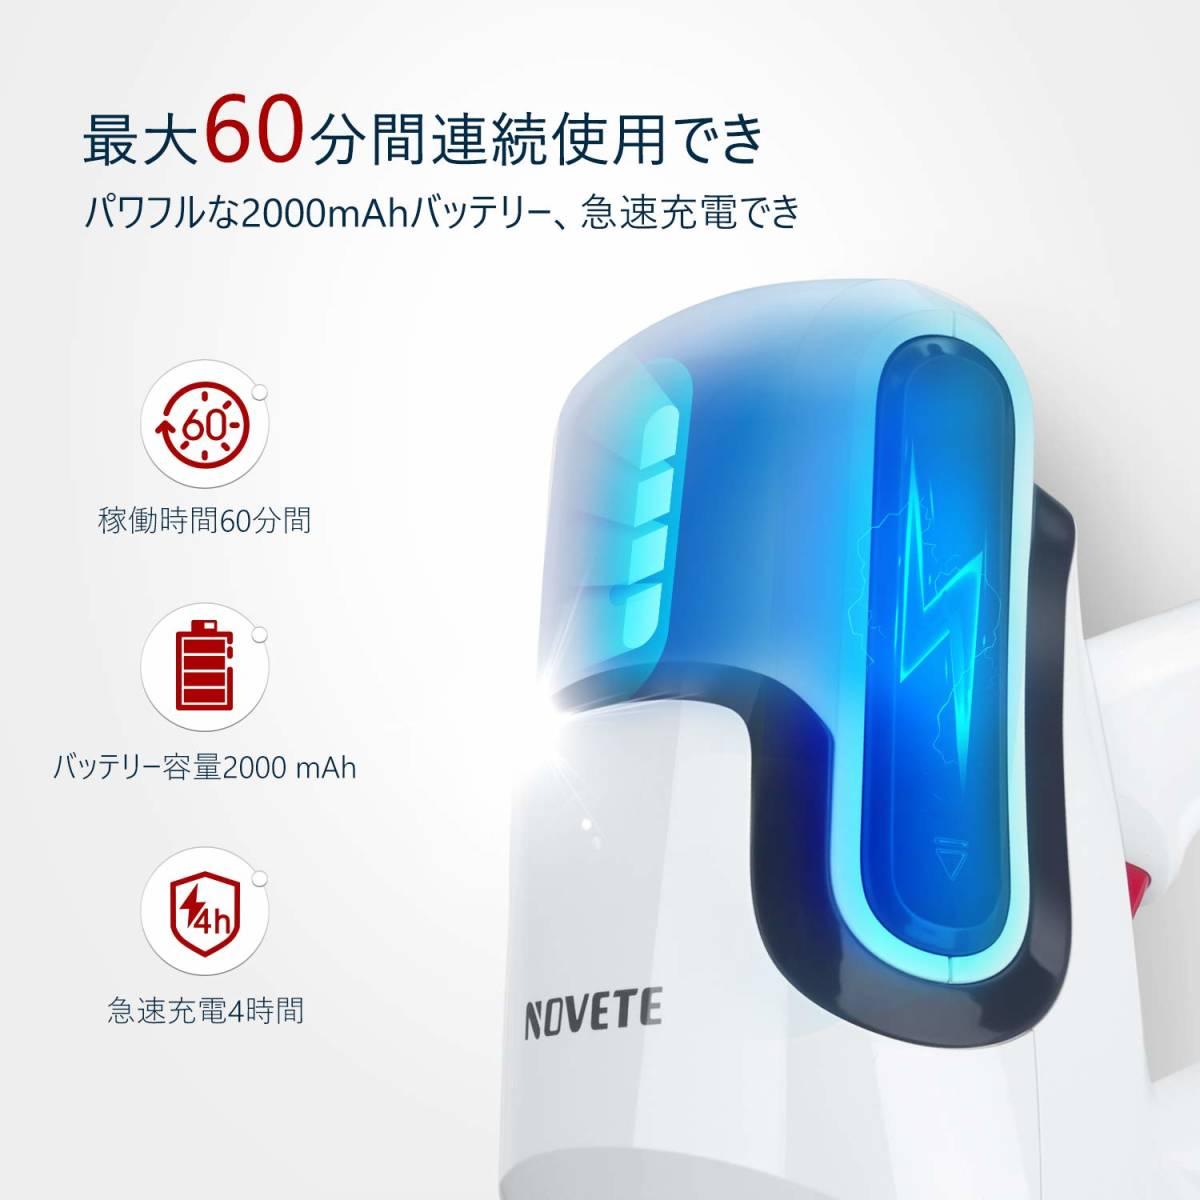 コードレス掃除機 サイクロン式 2000mAh LEDライト付 スティック&ハンディクリーナー 壁掛け 充電式 40分間連続作業 PSE認証 新品未使用_画像2